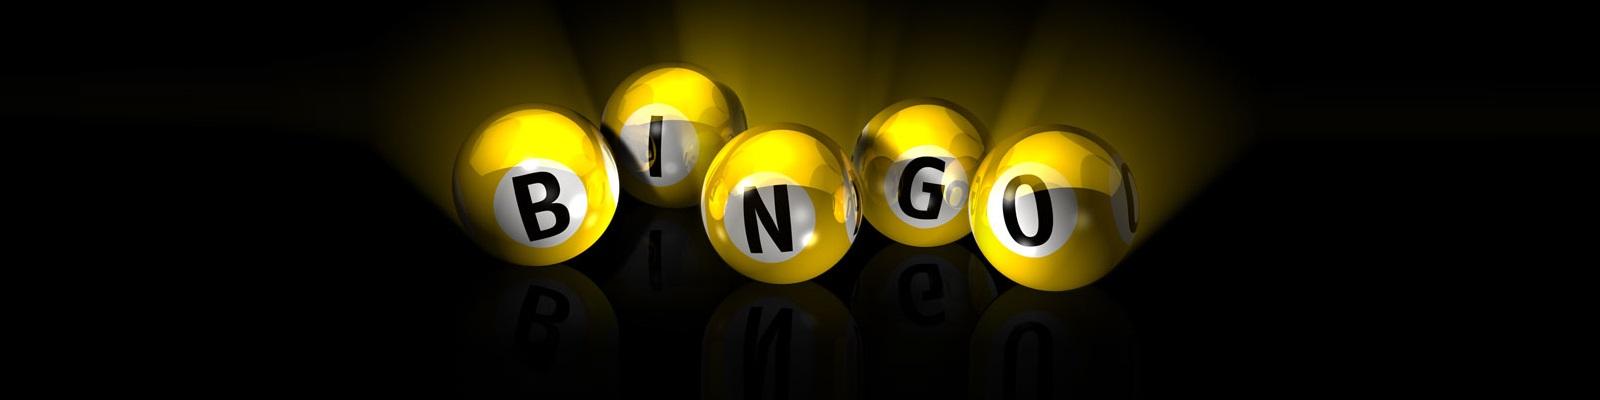 Afbeeldingsresultaat voor bingo online